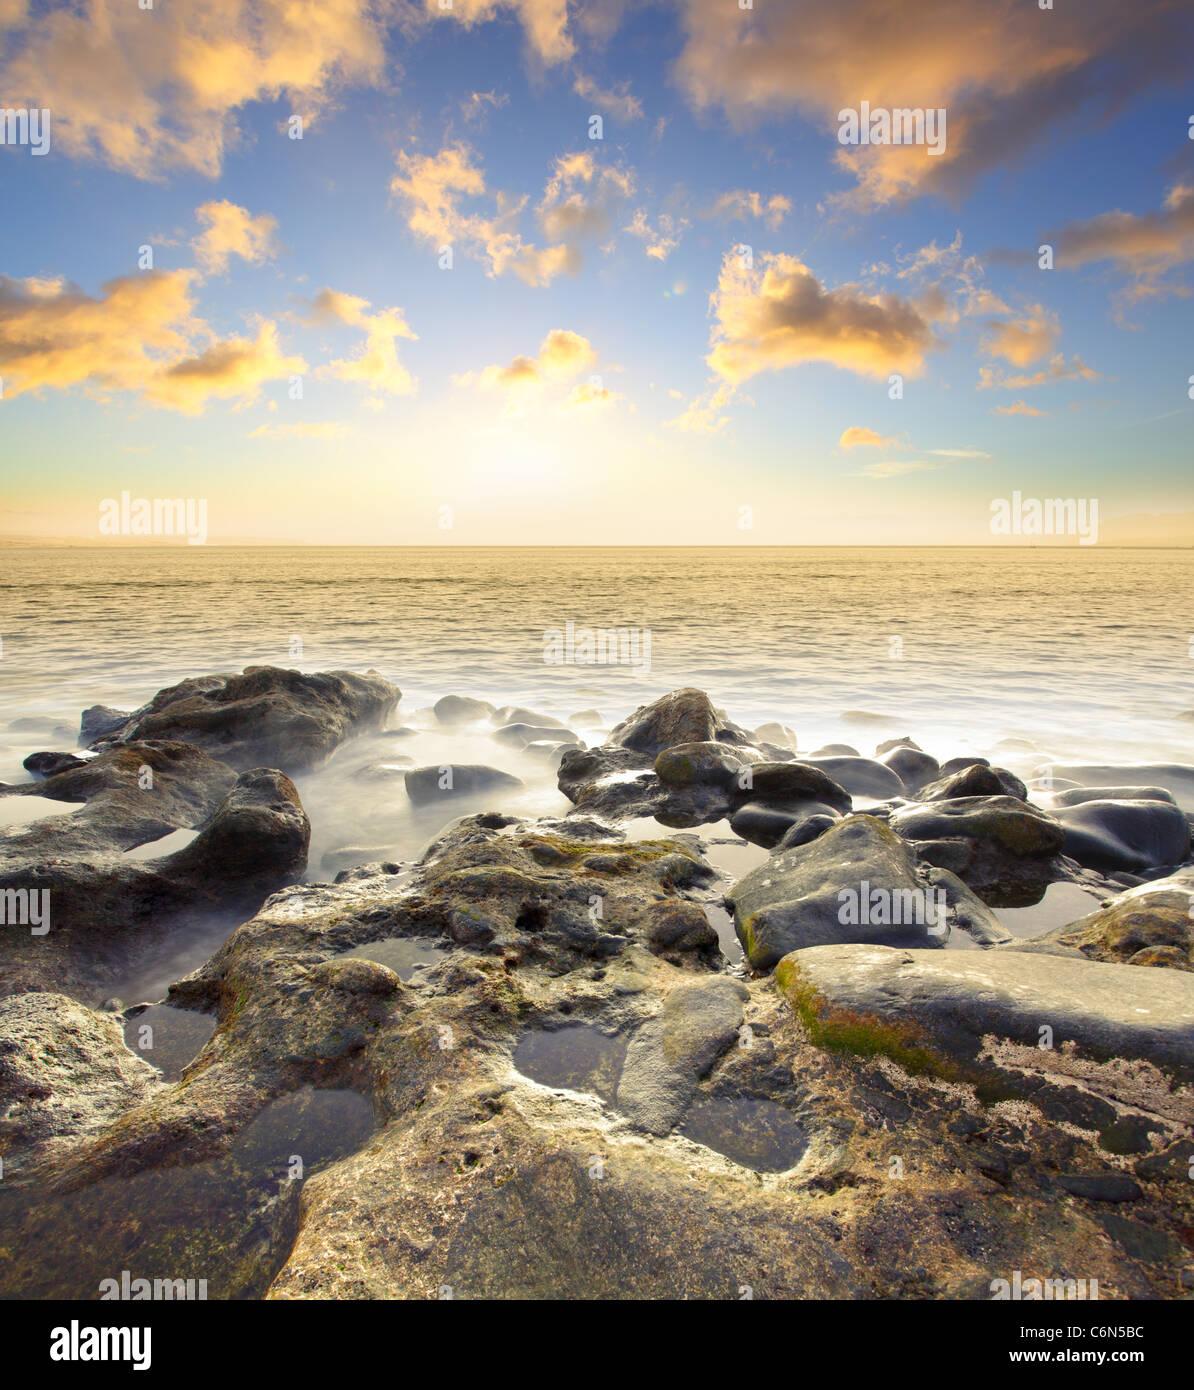 Beau coucher du soleil à rocky Hill. L'eau dans le motion blur. Banque D'Images